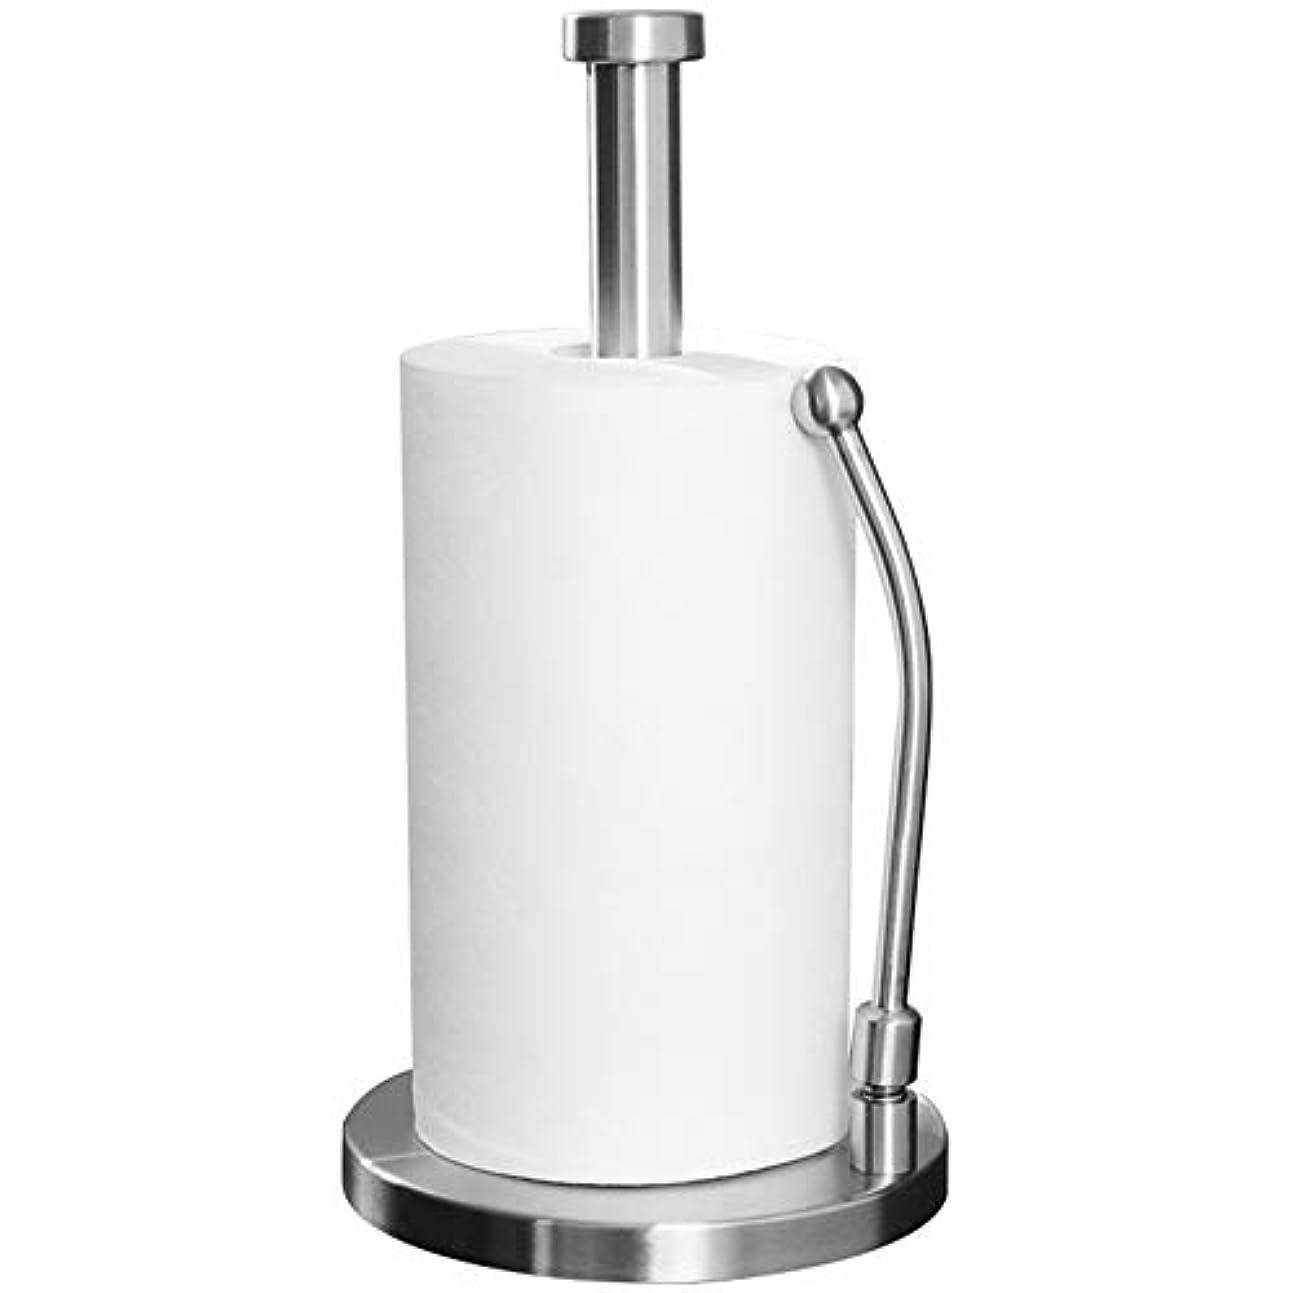 に変わるほのめかす部分的ZZLX 紙タオルホルダー、ステンレス鋼プラスボールドダブルポールキッチン垂直ロールホルダー紙タオルホルダー ロングハンドル風呂ブラシ